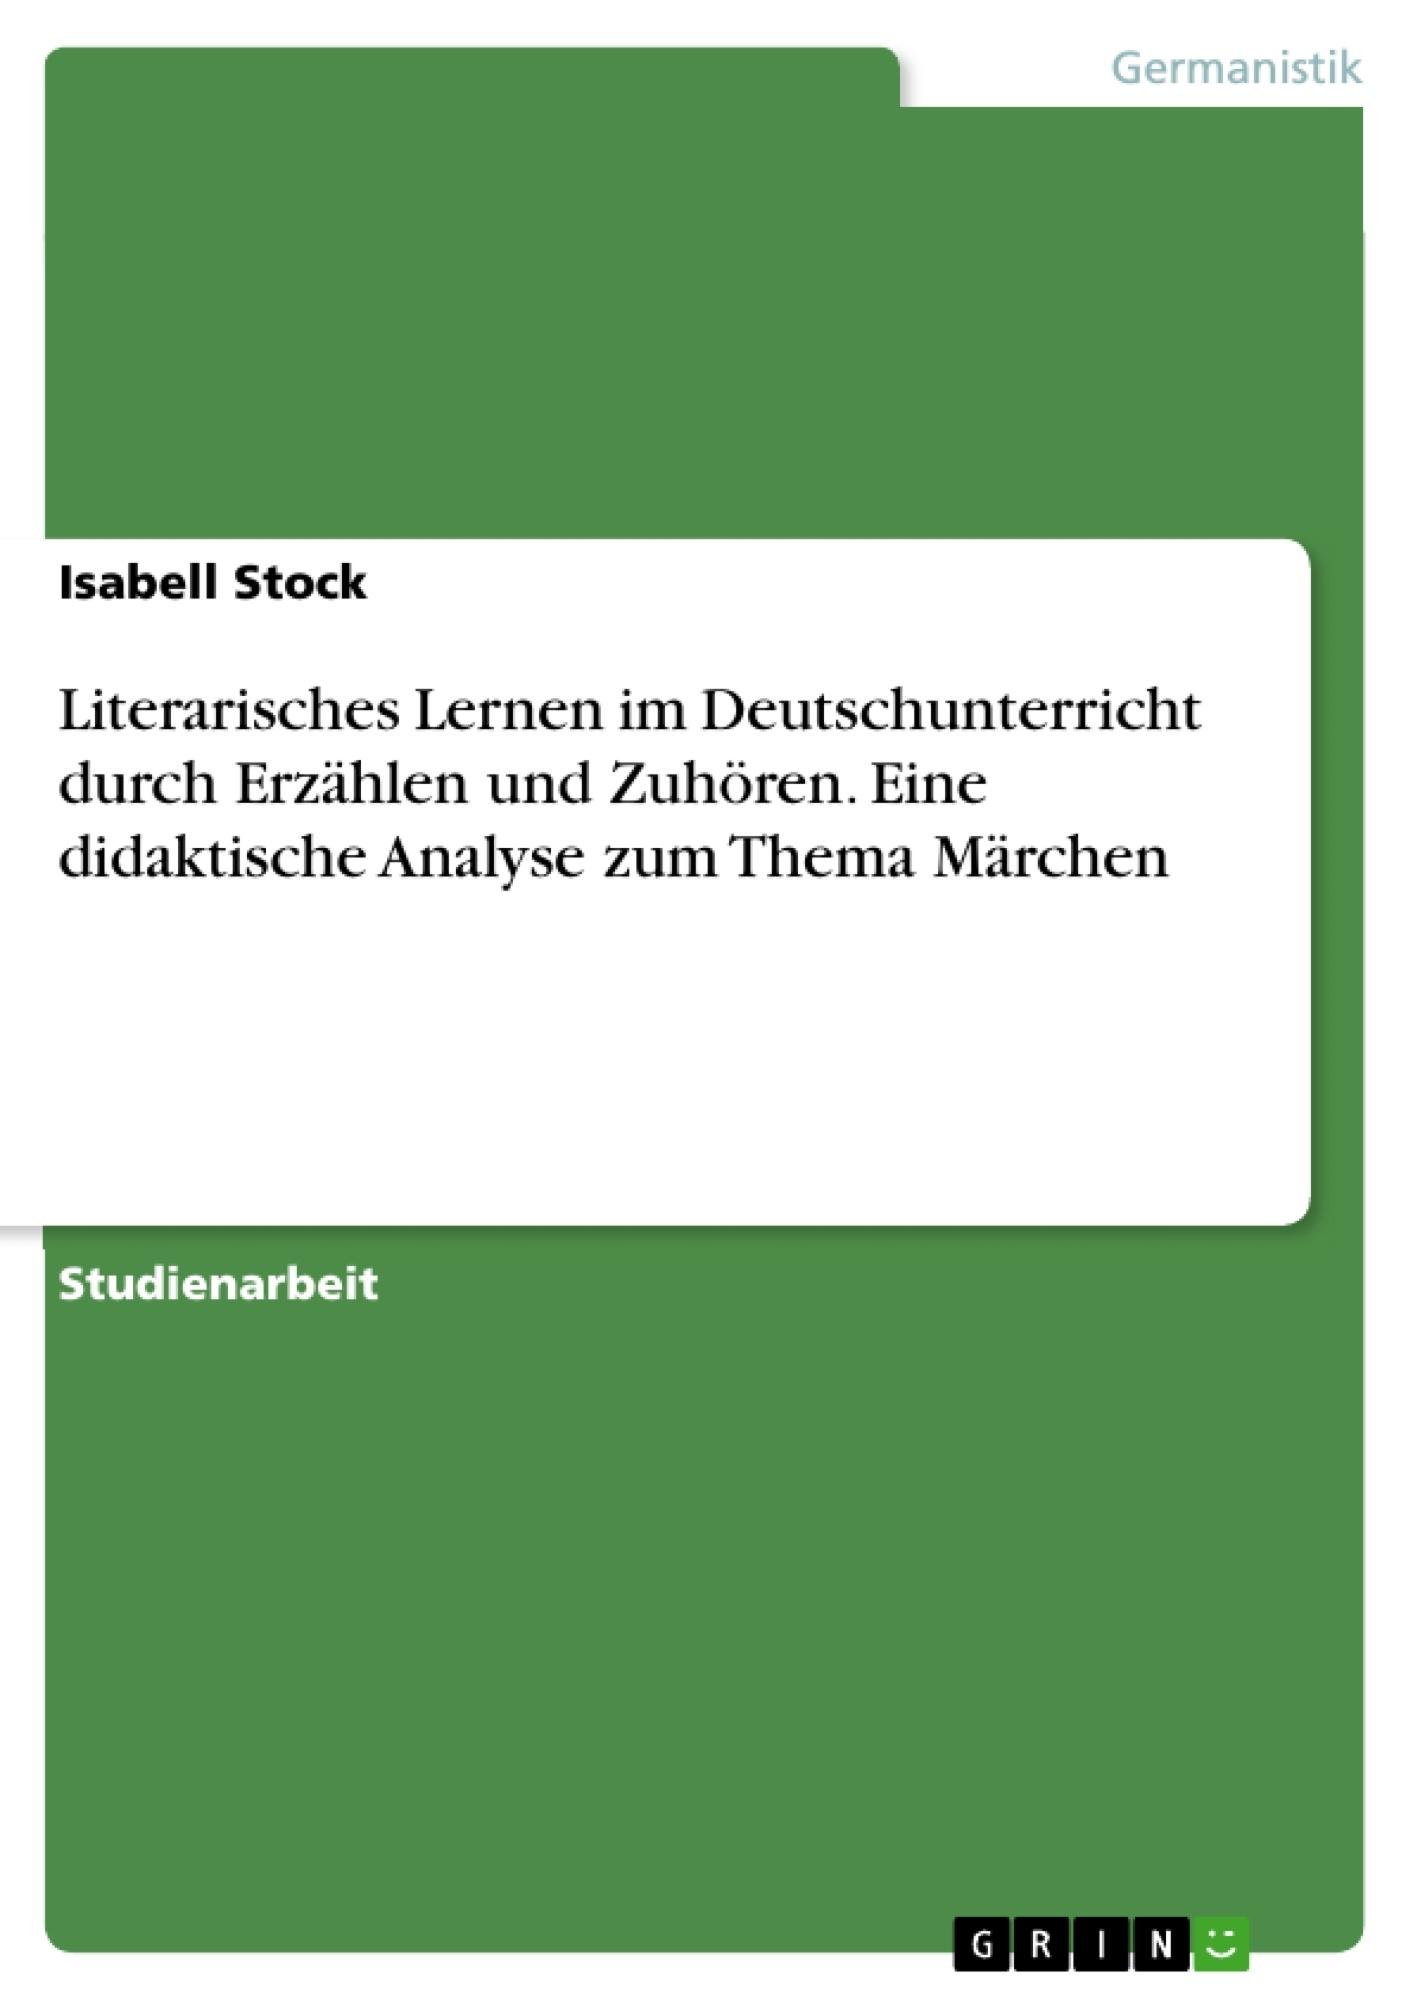 Titel: Literarisches Lernen im Deutschunterricht durch Erzählen und Zuhören. Eine didaktische Analyse zum Thema Märchen